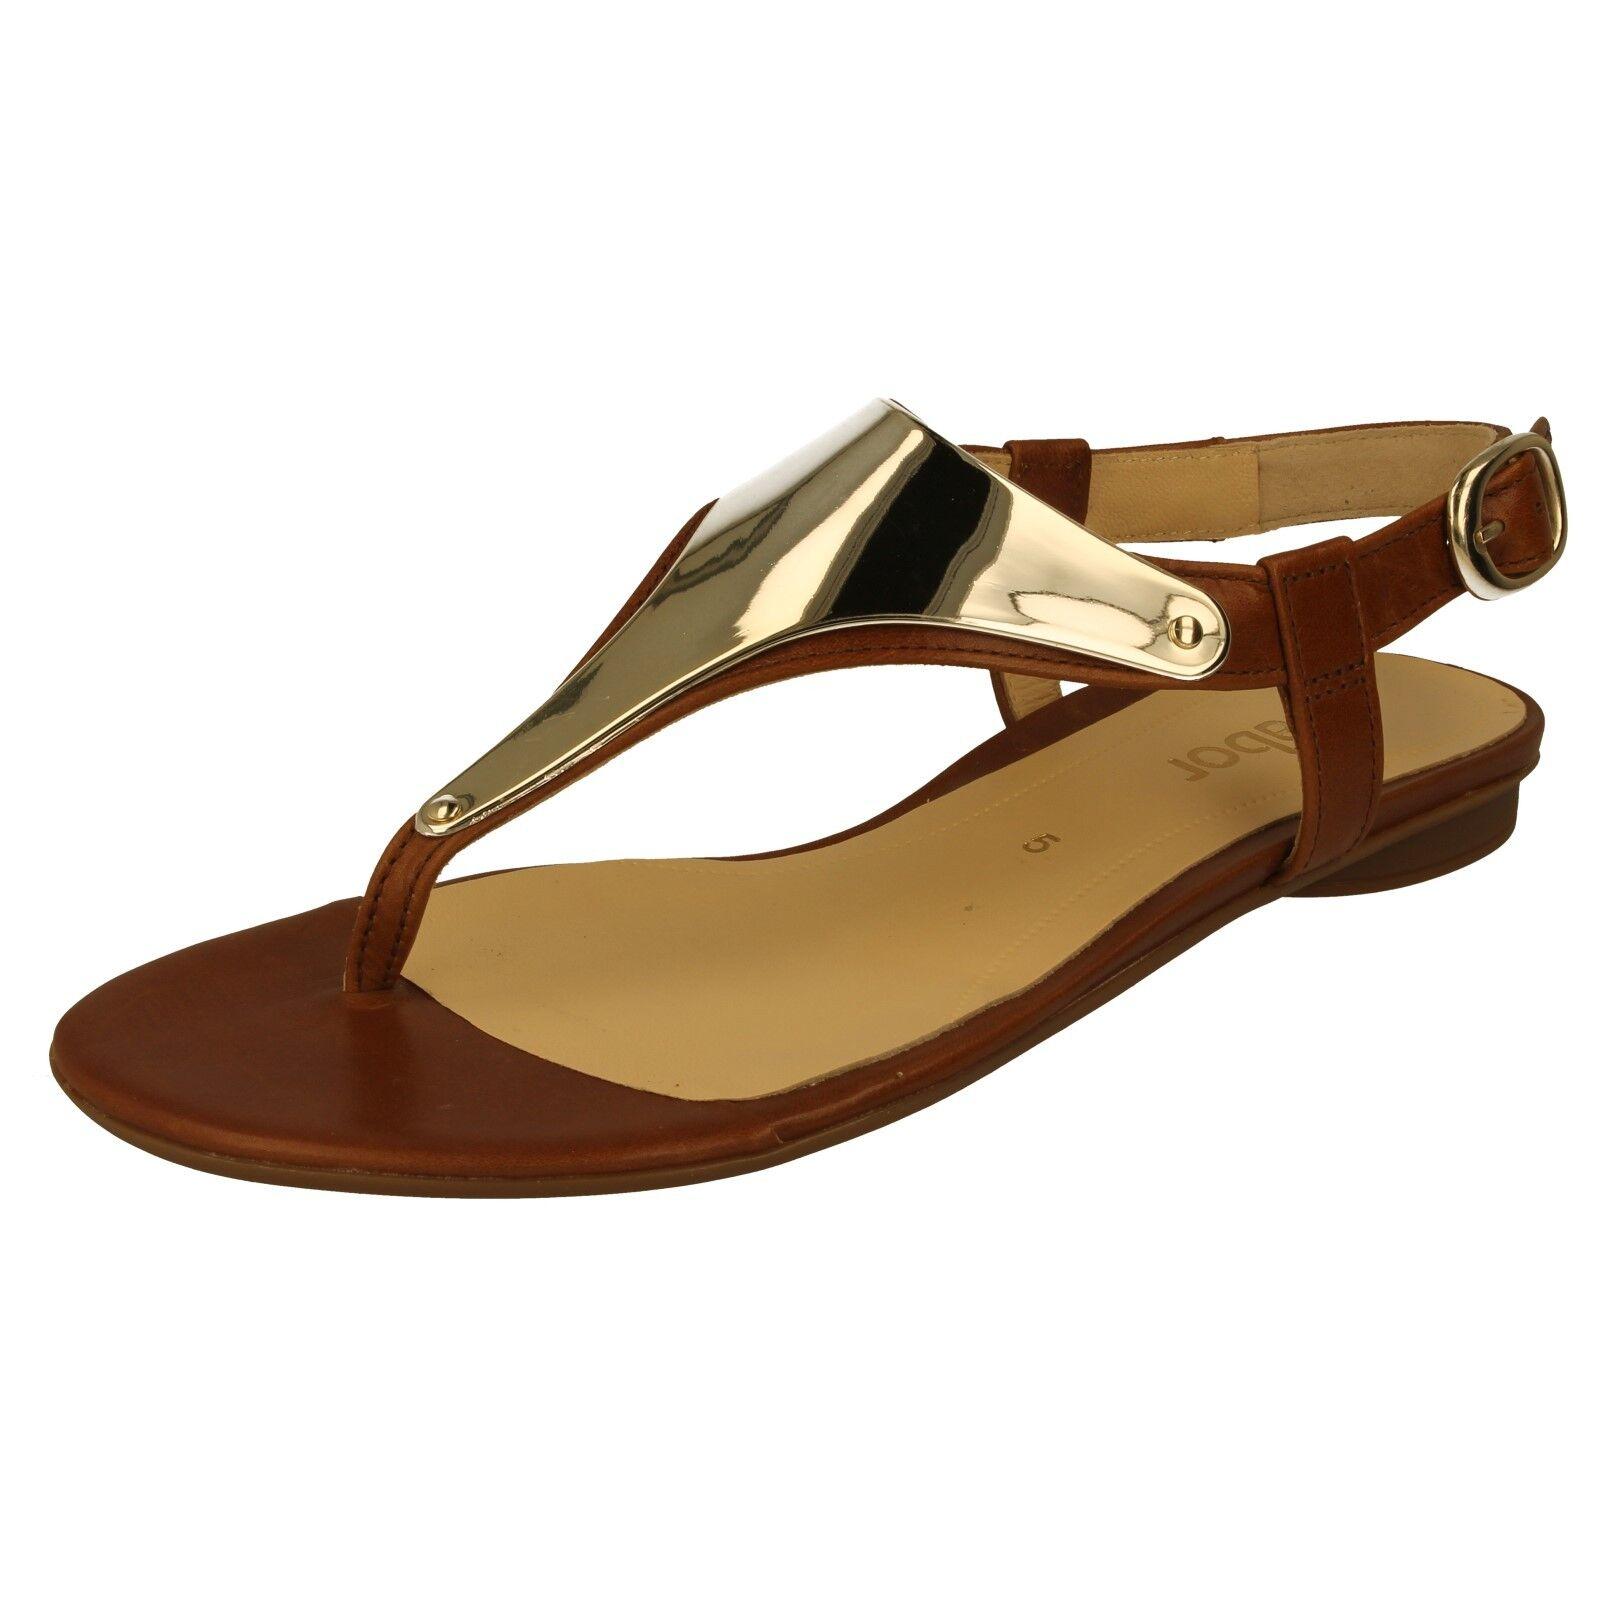 Onorevoli GABOR 25.532.24 Toe Post Sandali Con Cinturino e alla Caviglia Colore Marrone e Cinturino Oro 84da63